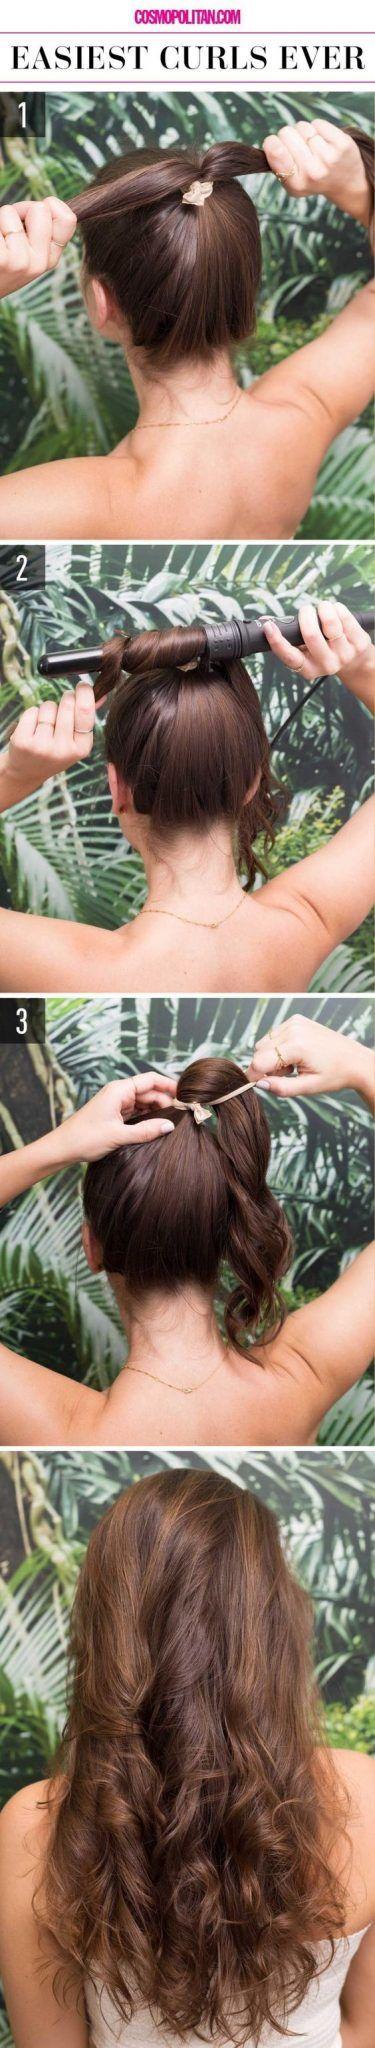 Share Tweet + 1 Mail Ihr Haar können Sie jeden Morgen sehr mühsam sein, vor allem wenn man auf sie zur Verwendung von Hitze ...